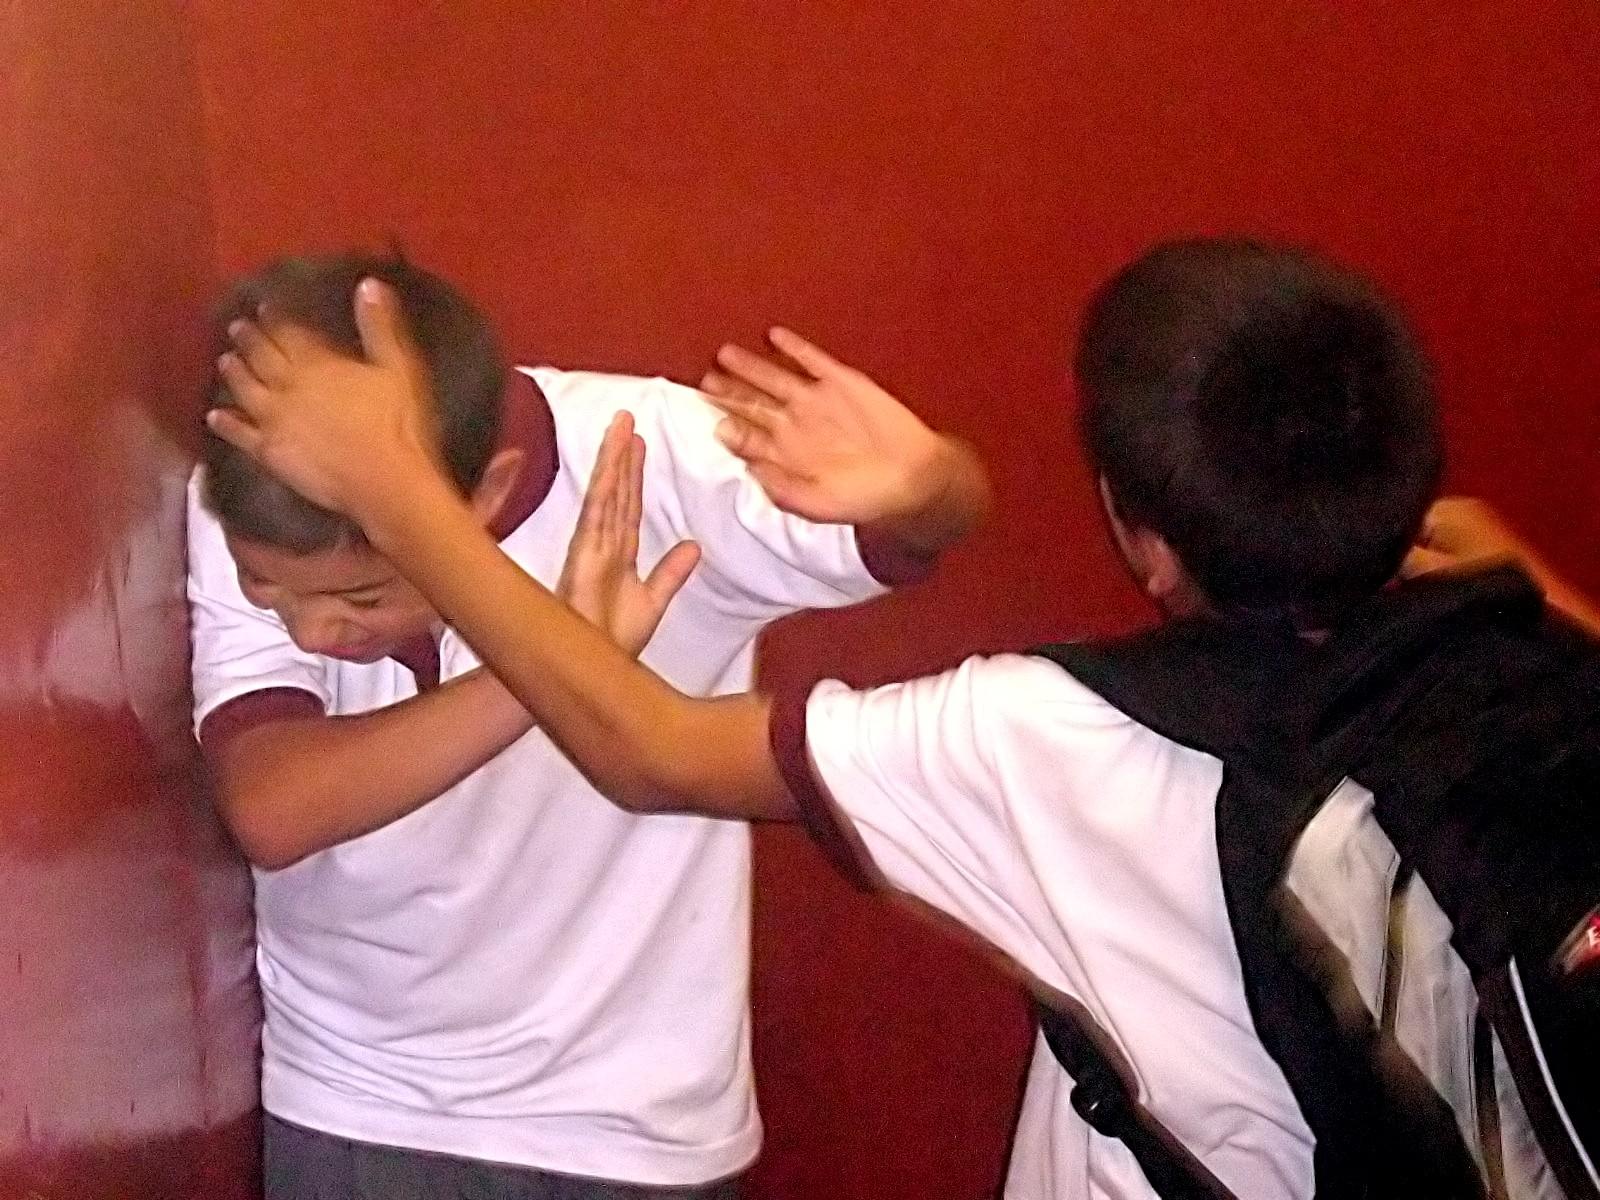 bullying_on_instituto_regional_federico_errazuriz_irfe_in_march_5_2007